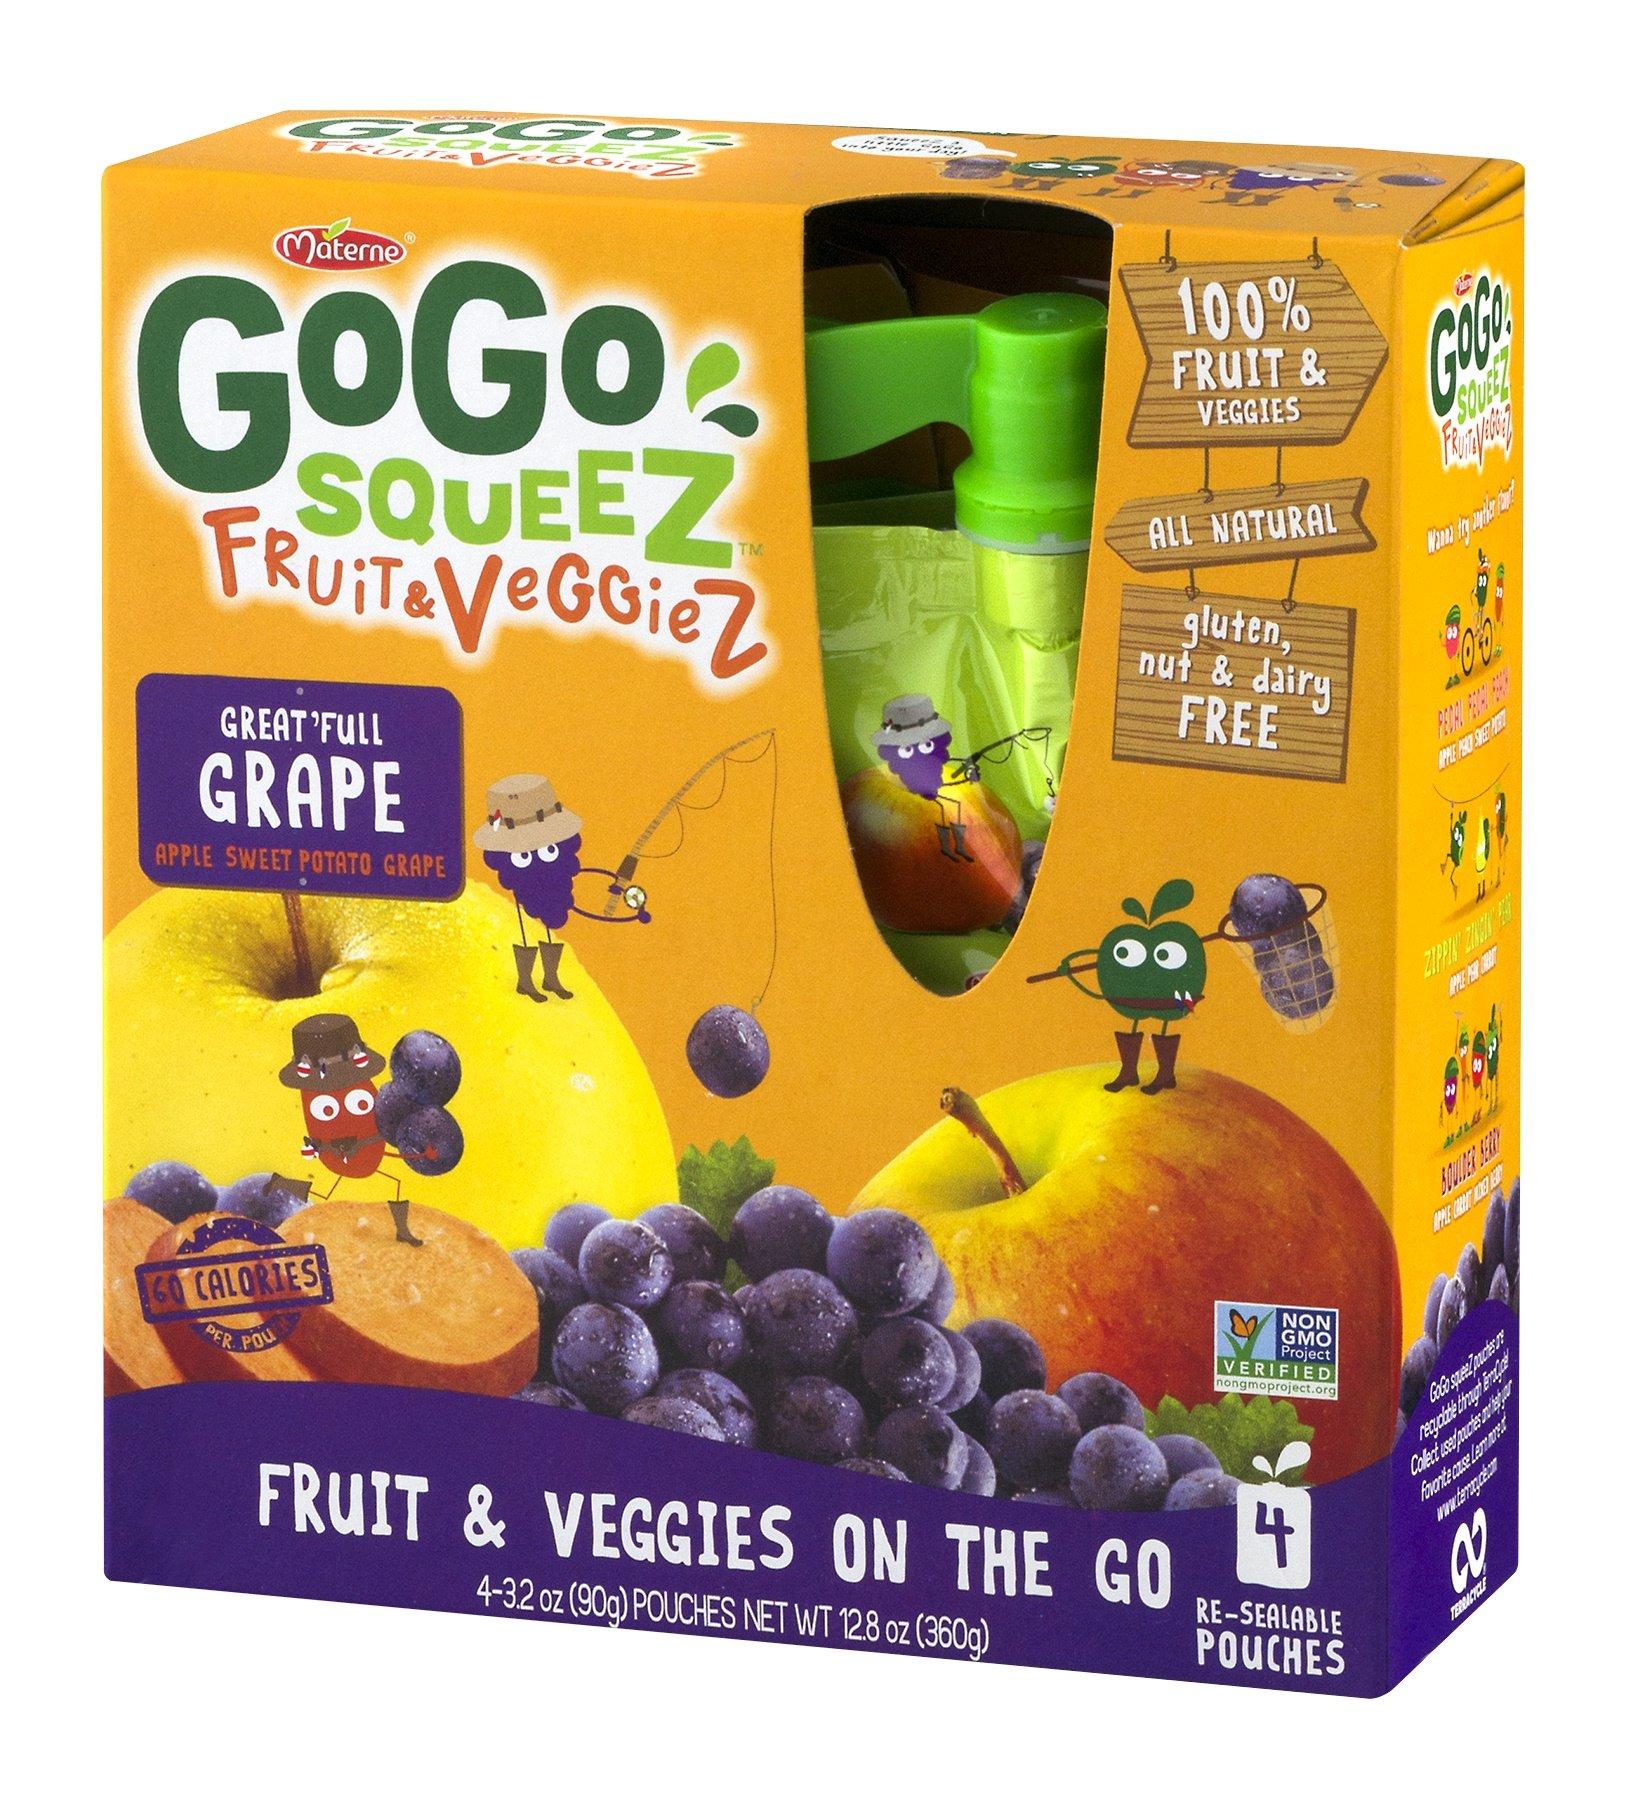 GoGo SqueeZ Fruit & VeggieZ on the Go, Apple Sweet Potato Grape, 3.2 Ounce Portable BPA-Free Pouches, Gluten-Free, 48 Total Pouches (12 Boxes with 4 Pouches Each)